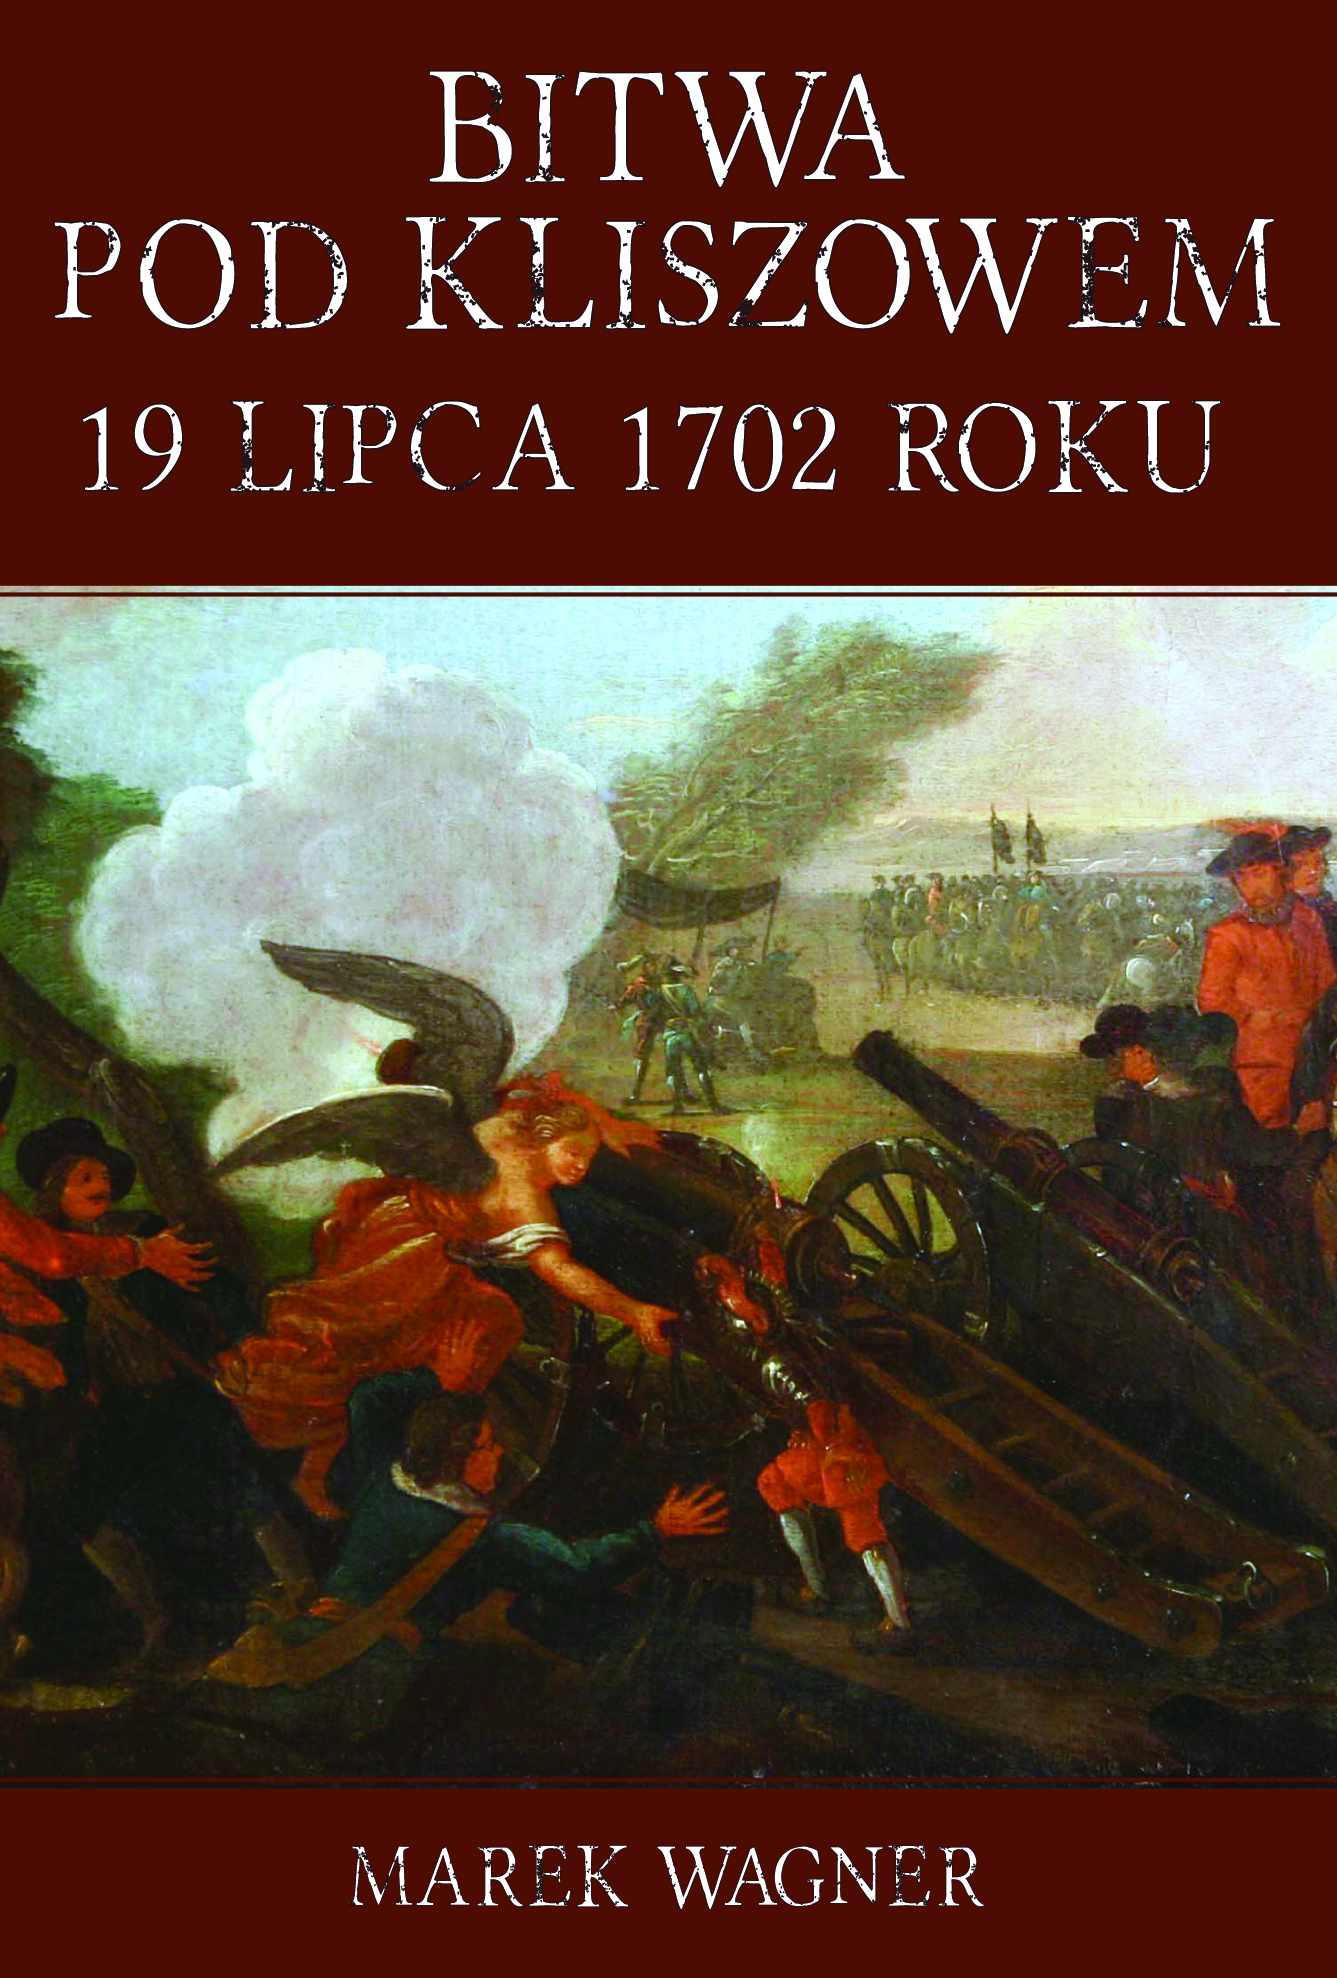 Bitwa pod Kliszowem 19 lipca 1702 roku - Ebook (Książka EPUB) do pobrania w formacie EPUB